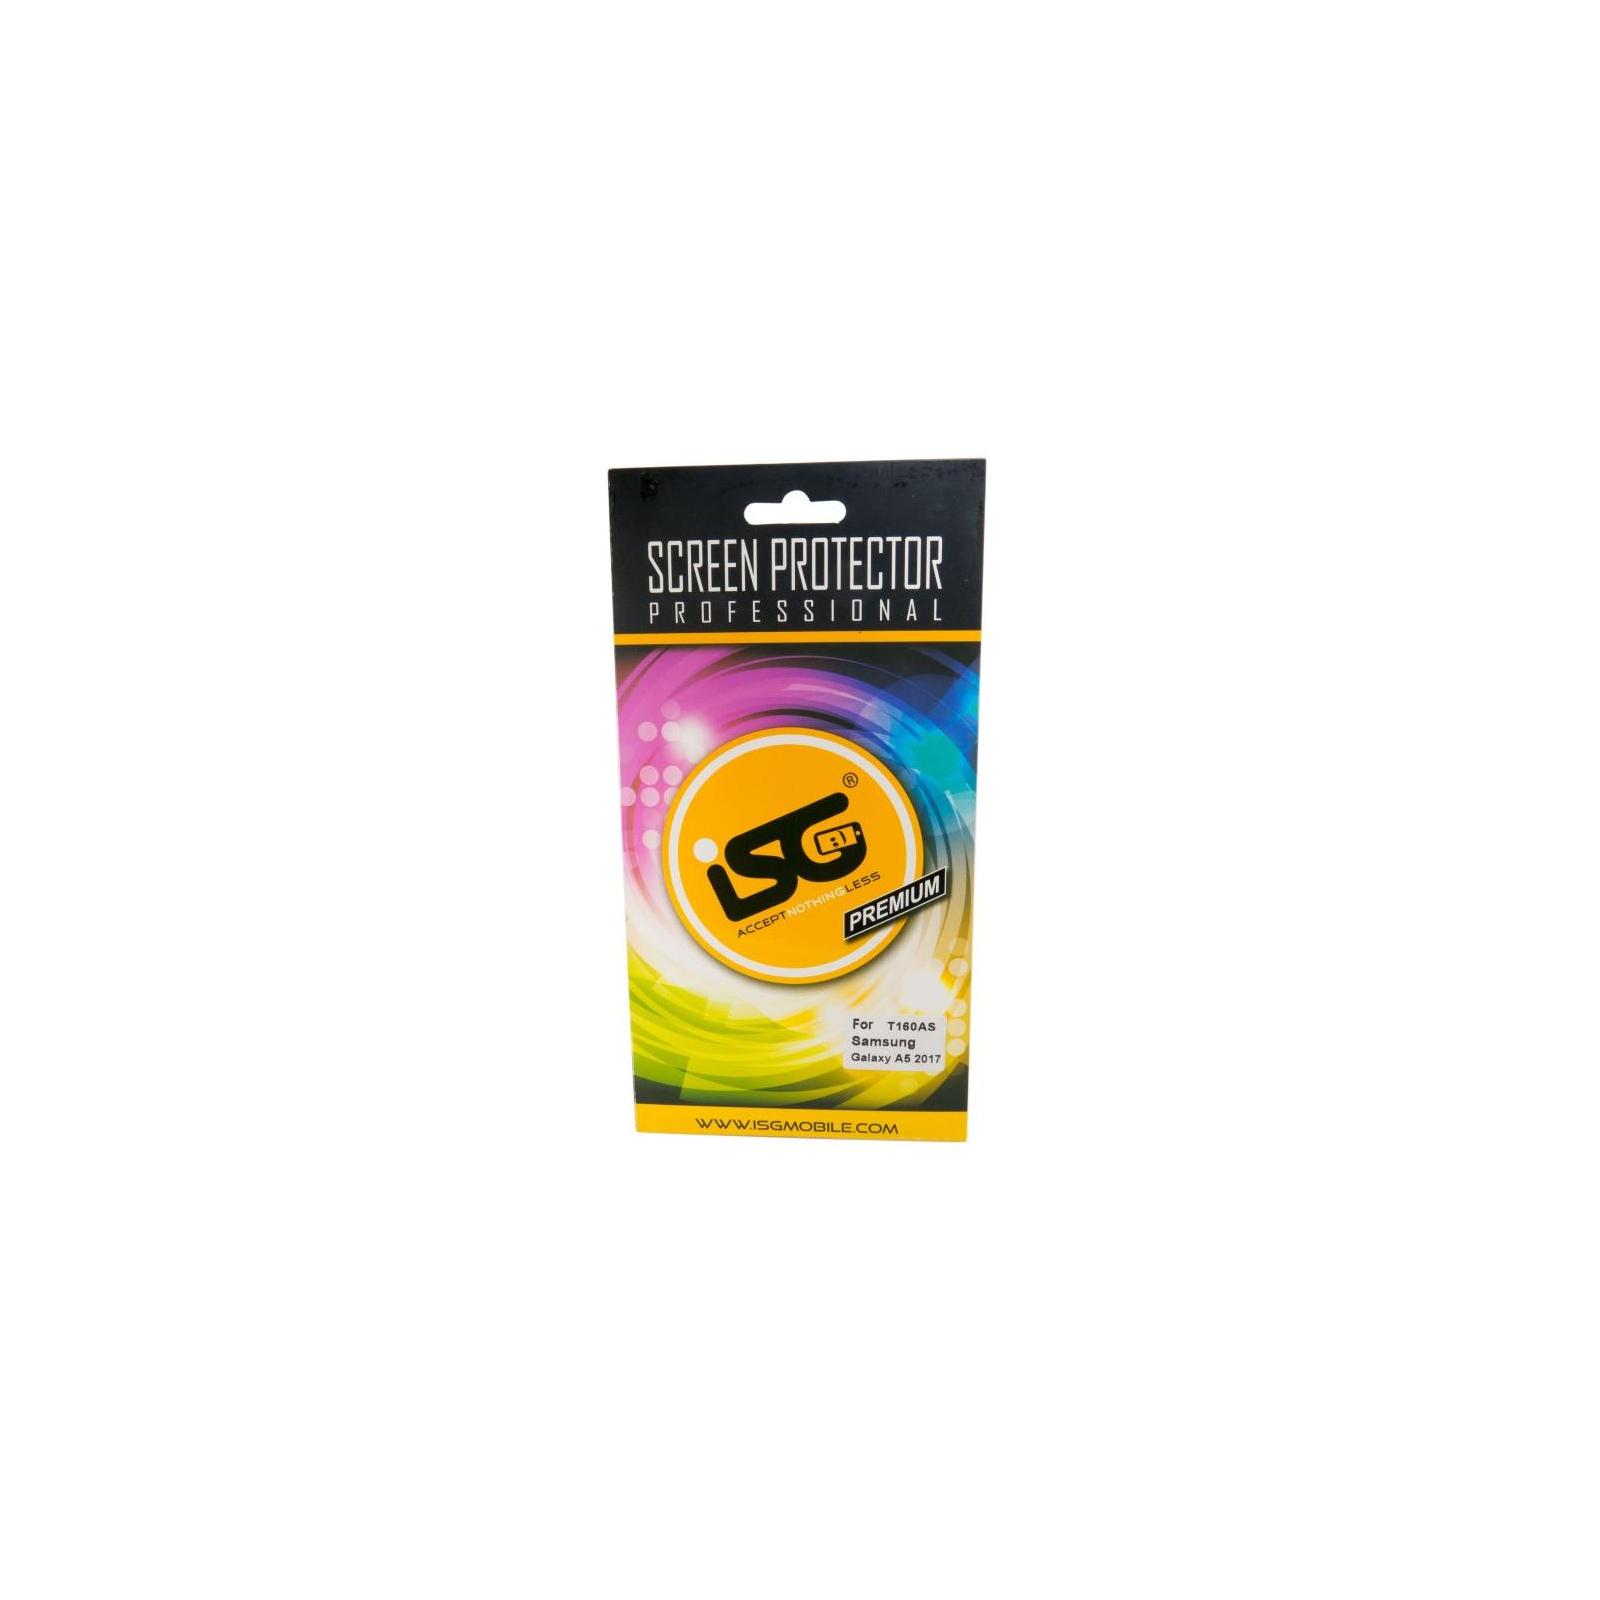 Пленка защитная iSG для Samsung Galaxy A5 2017 Duos SM-A520 (SPF4298)